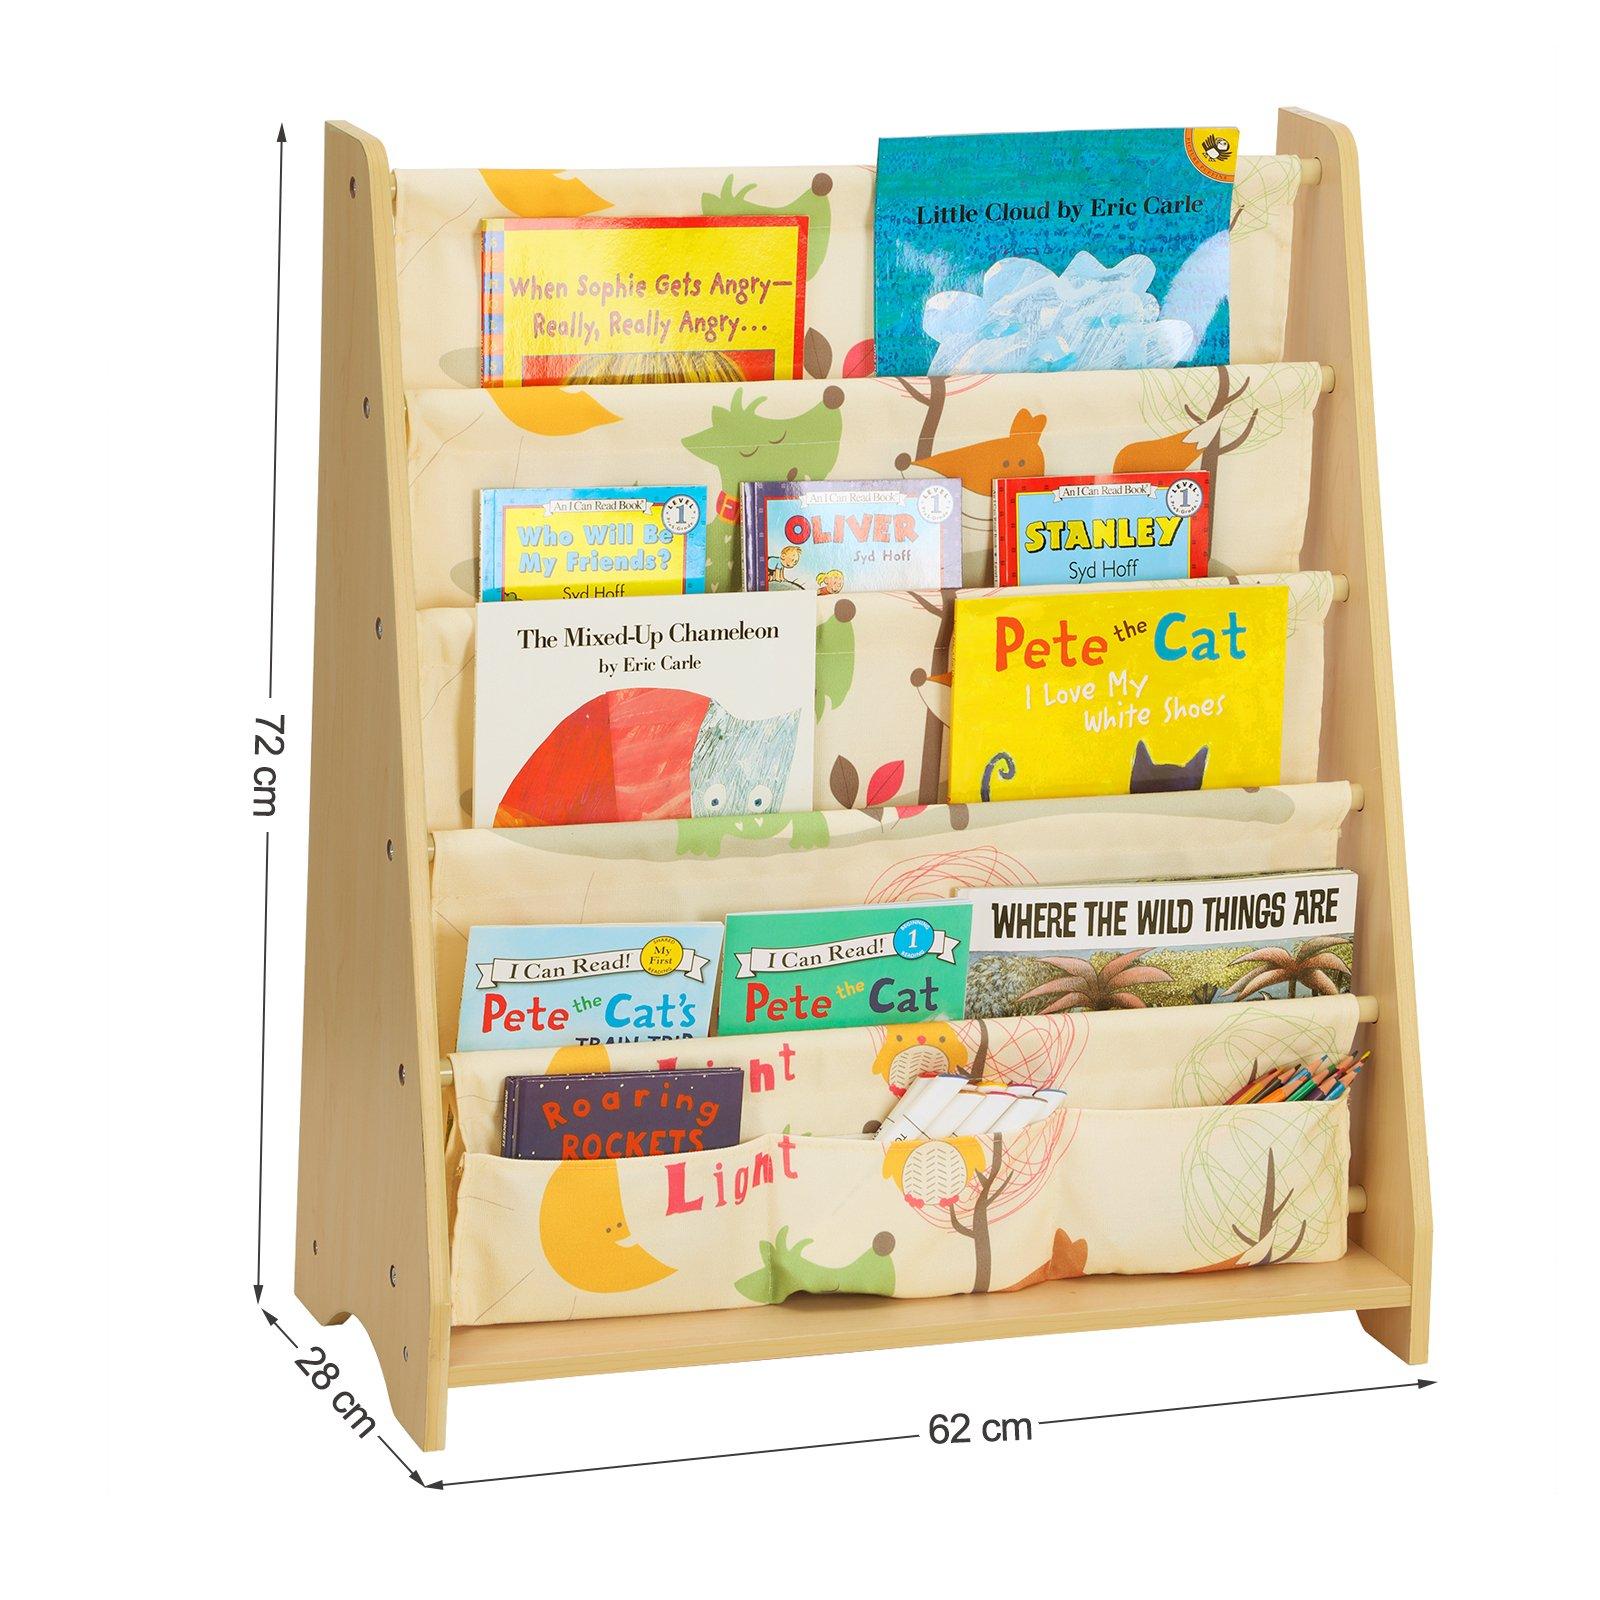 Scaffali E Librerie Per Bambini.Songmics Libreria Di Tessuto Per Bambini Libreria A 4 Livelli Per Cancelleria Libri E Quaderni Scaffale Per Cameretta Asilo Tema Animali E